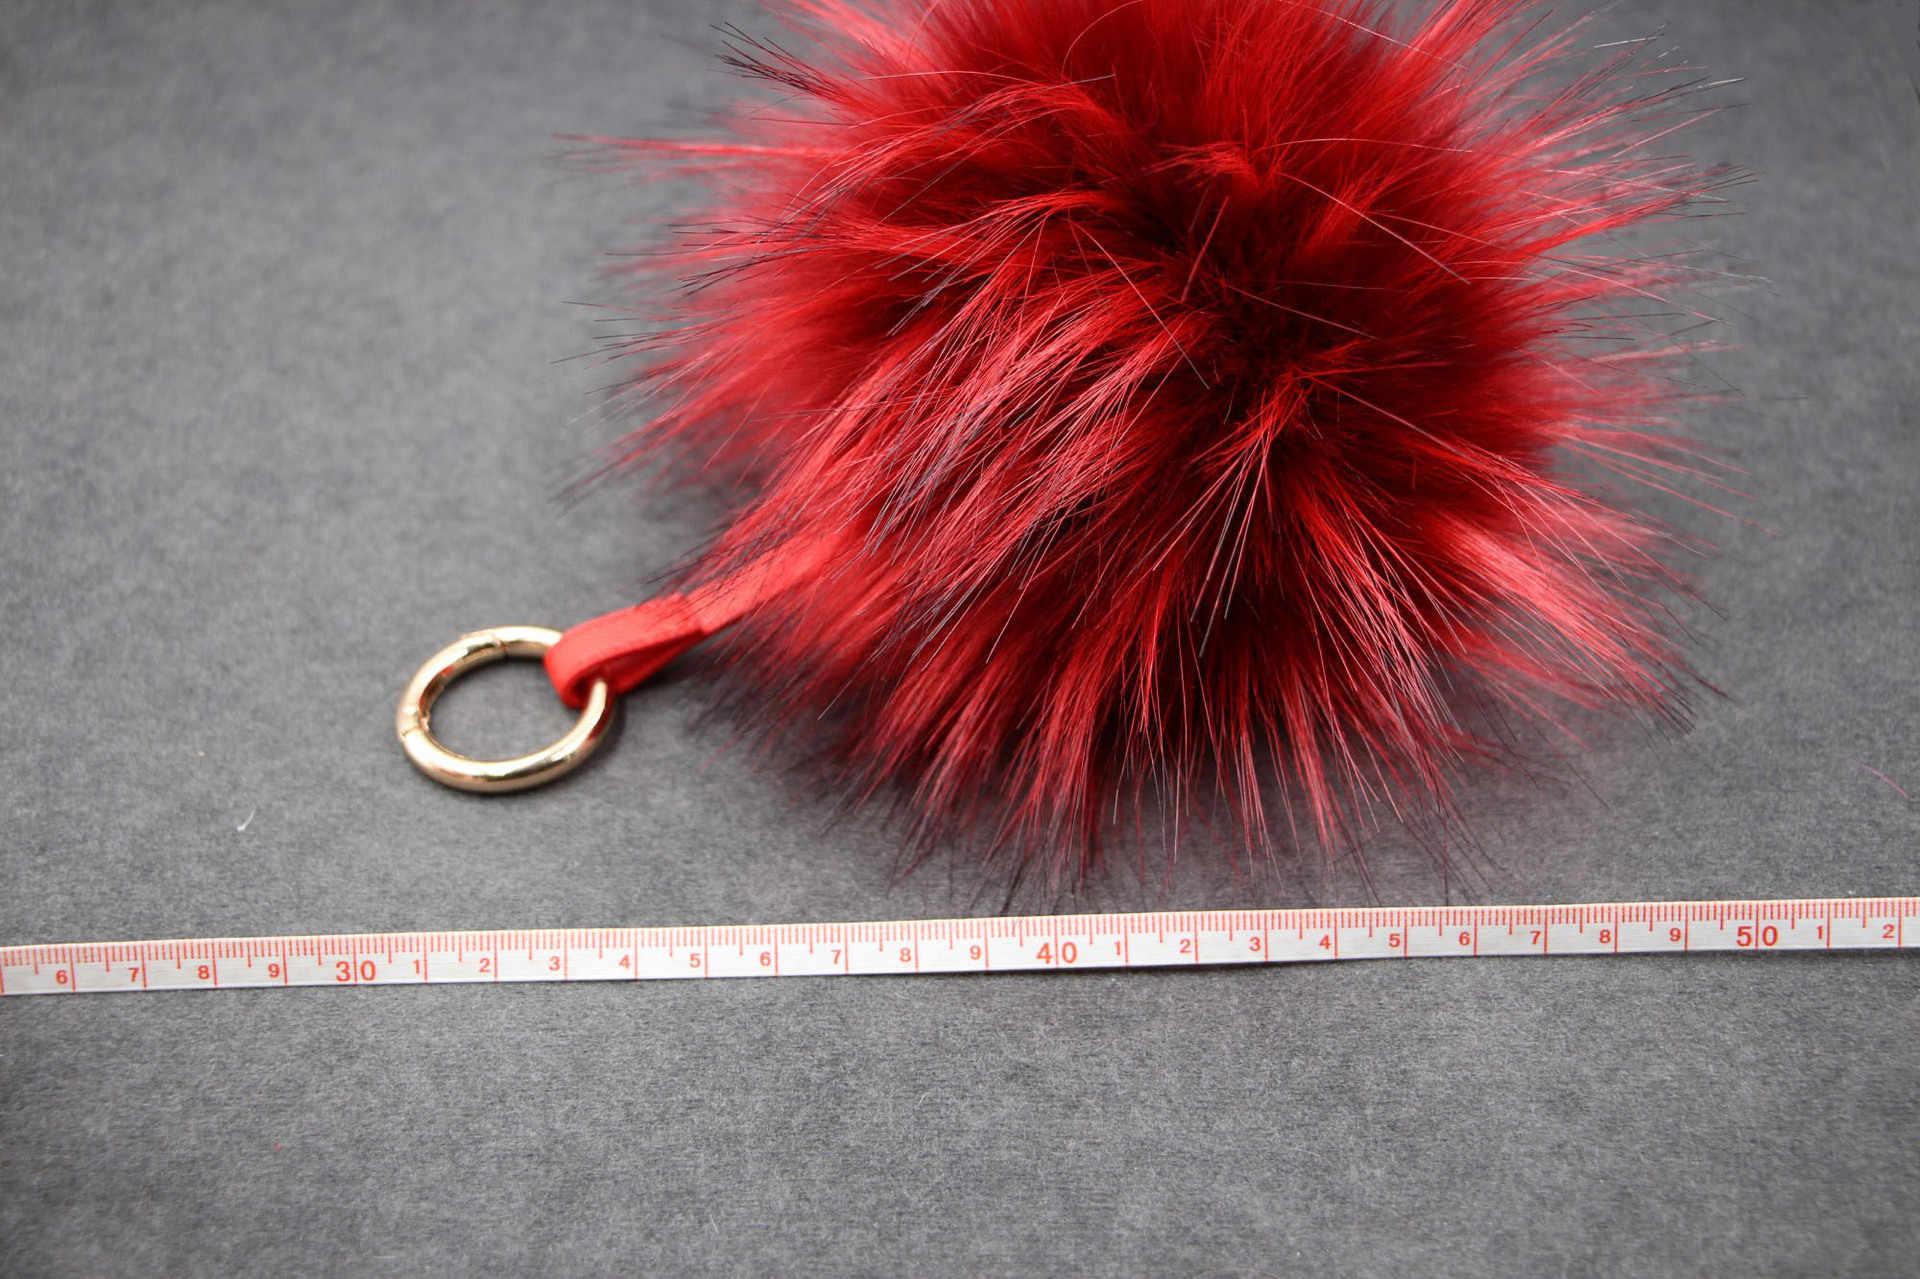 Moda Cores 12 15 centímetros fluffy Pompons Pele de Pele De Raposa Bola Chaveiro Chaveiro Chaveiro Pompom Pom Pom Chaveiro de Charme bolsa Pingente